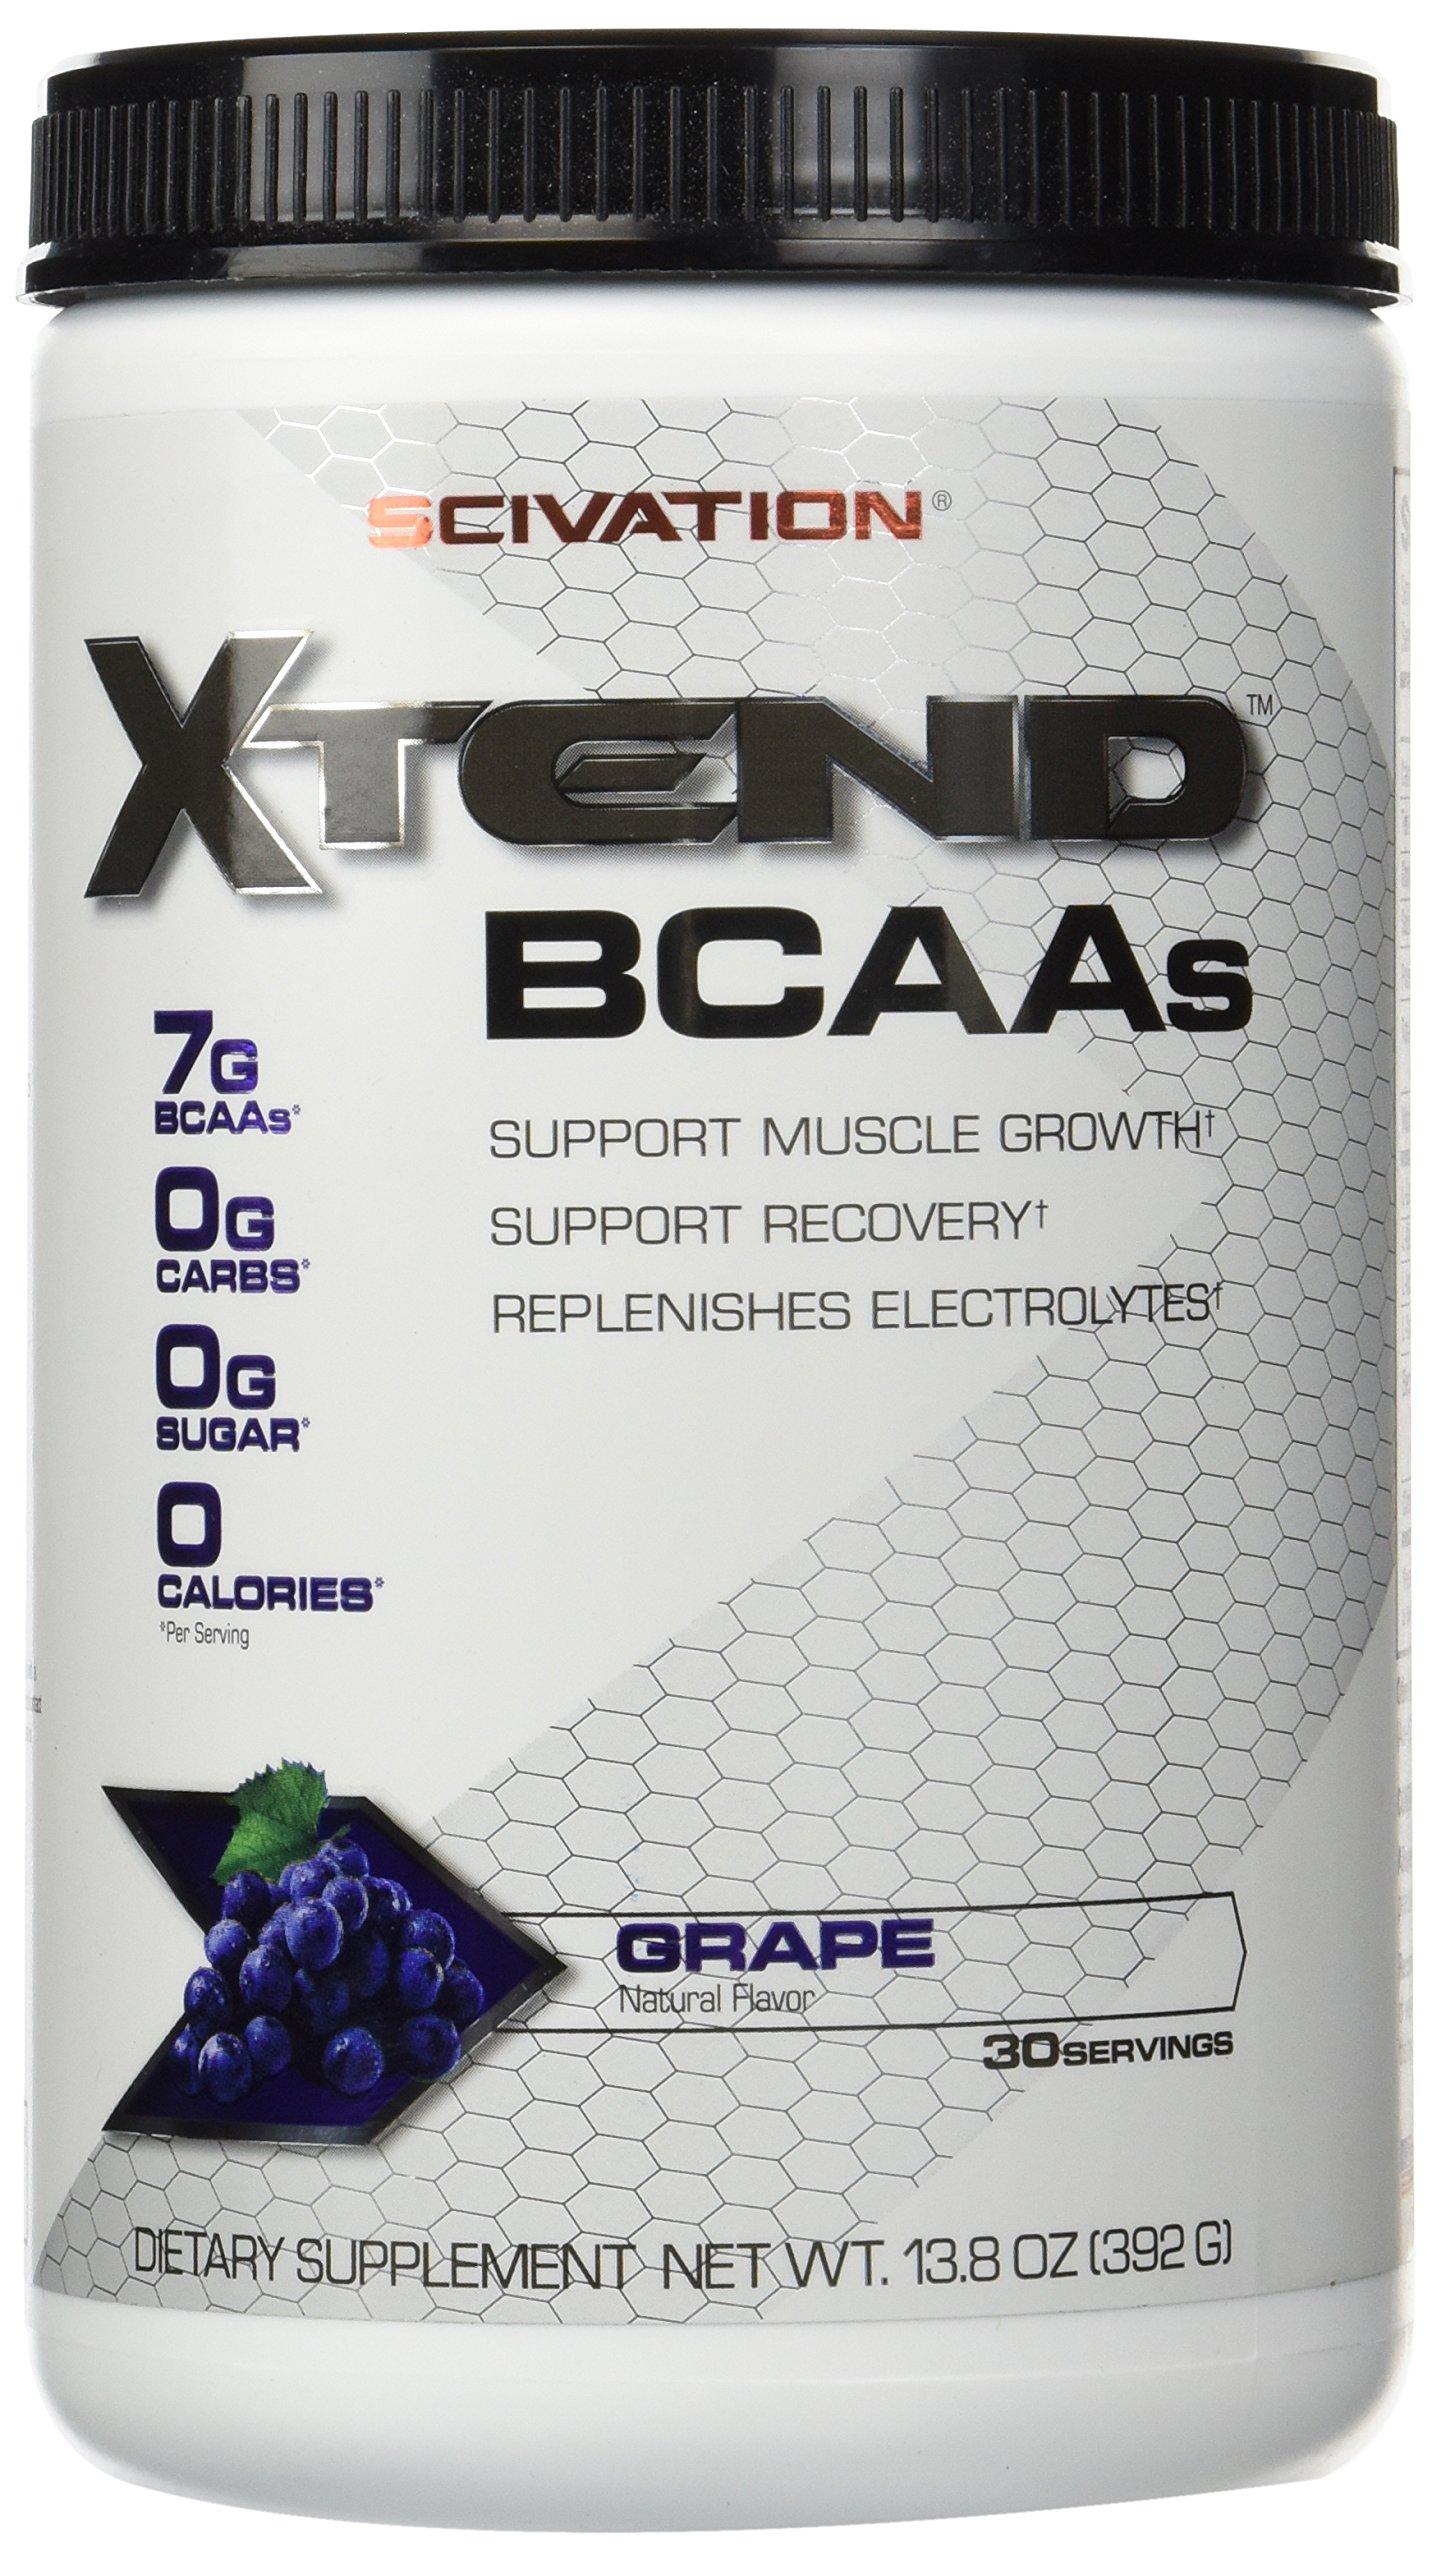 Scivation Xtend - Grape Escape, 30 Servings 13.8oz